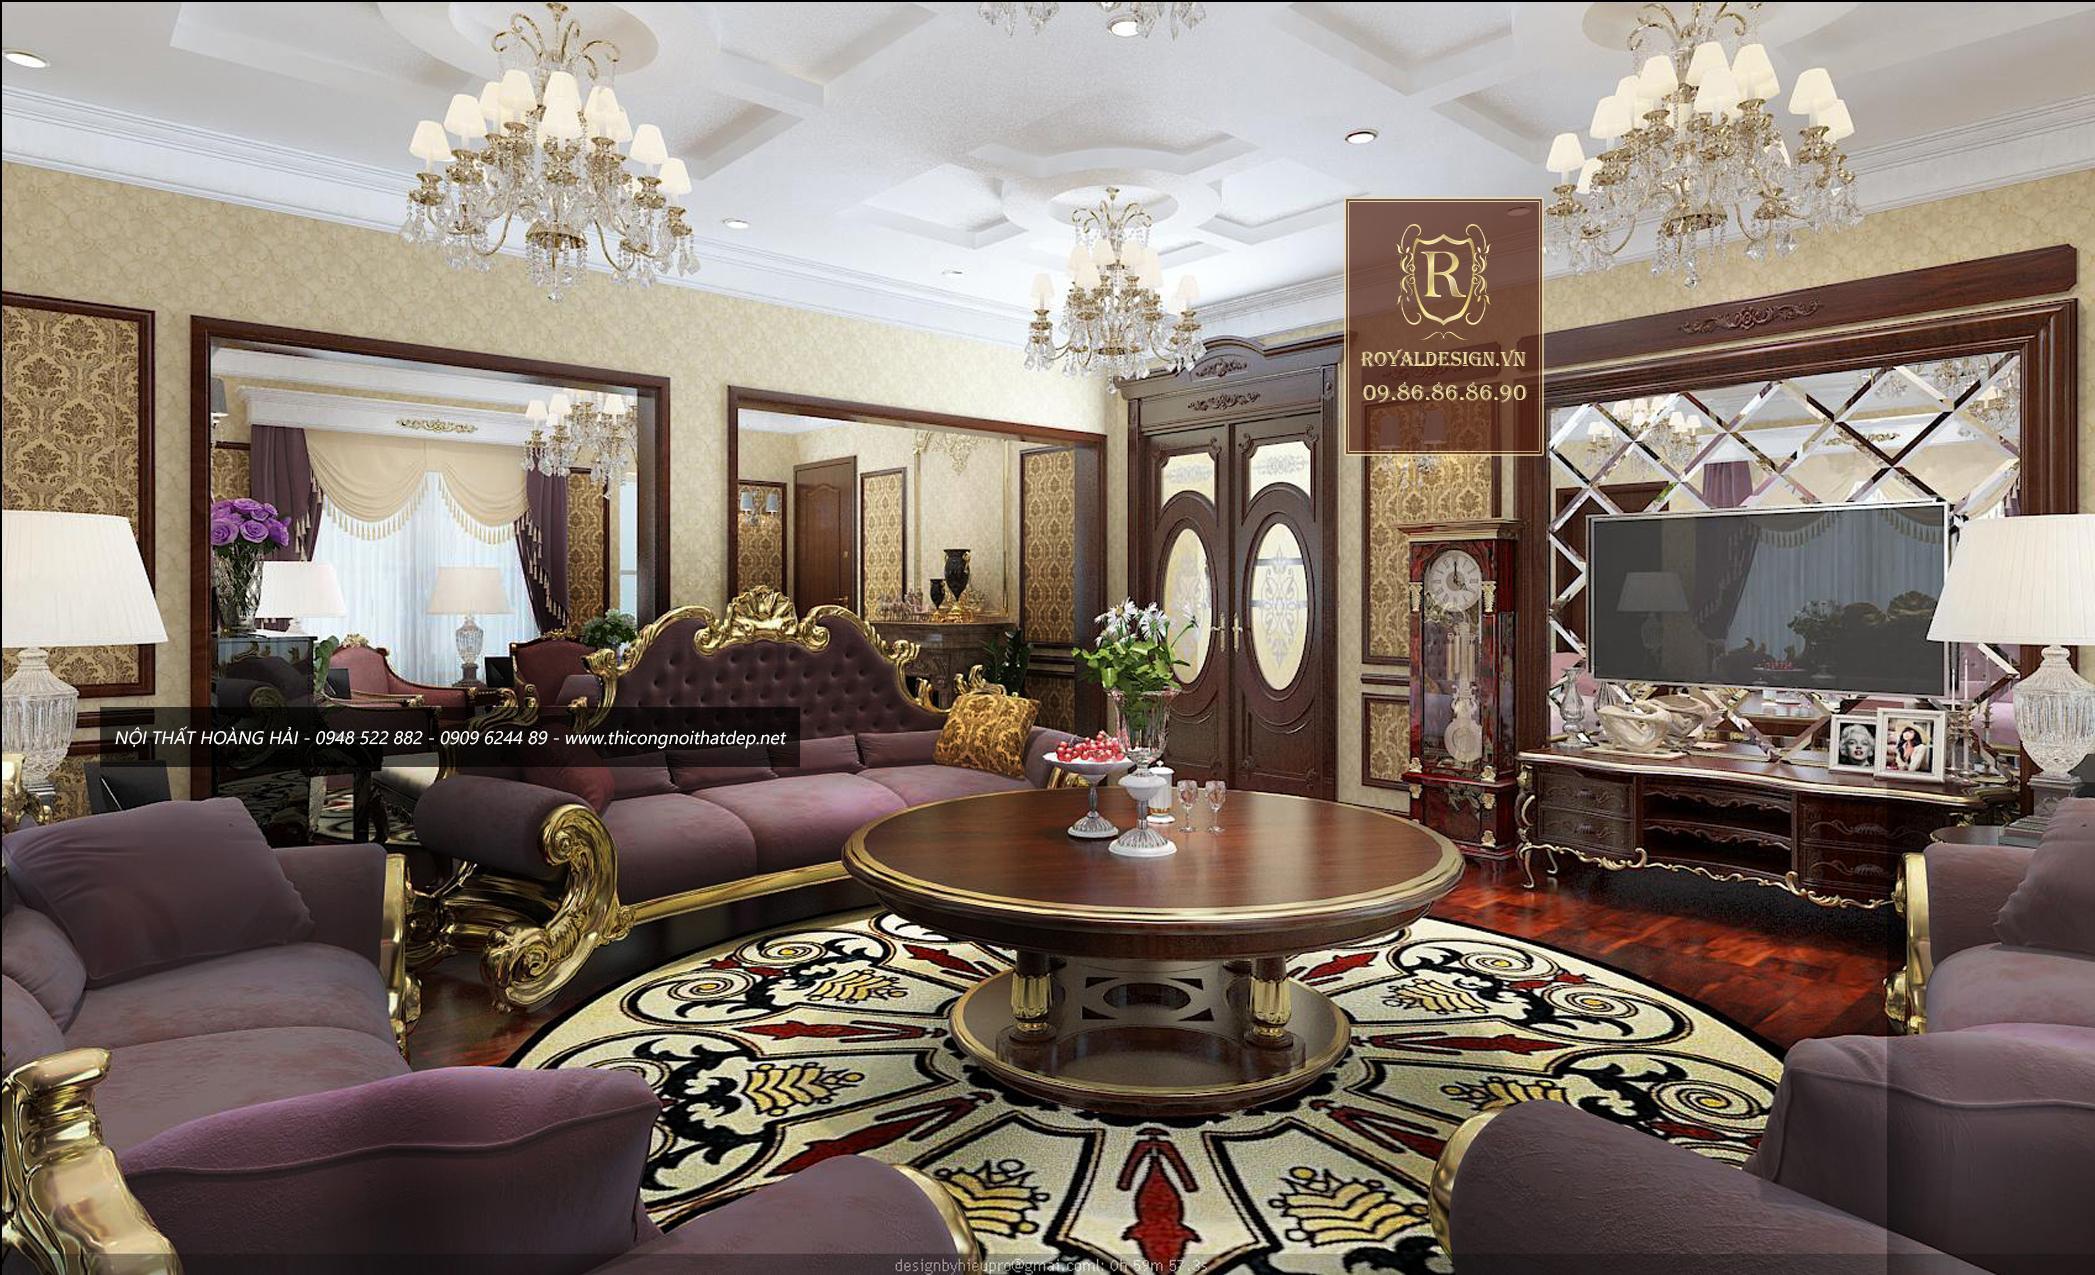 Ghế sofa phong cách nội thất Hoàng Gia